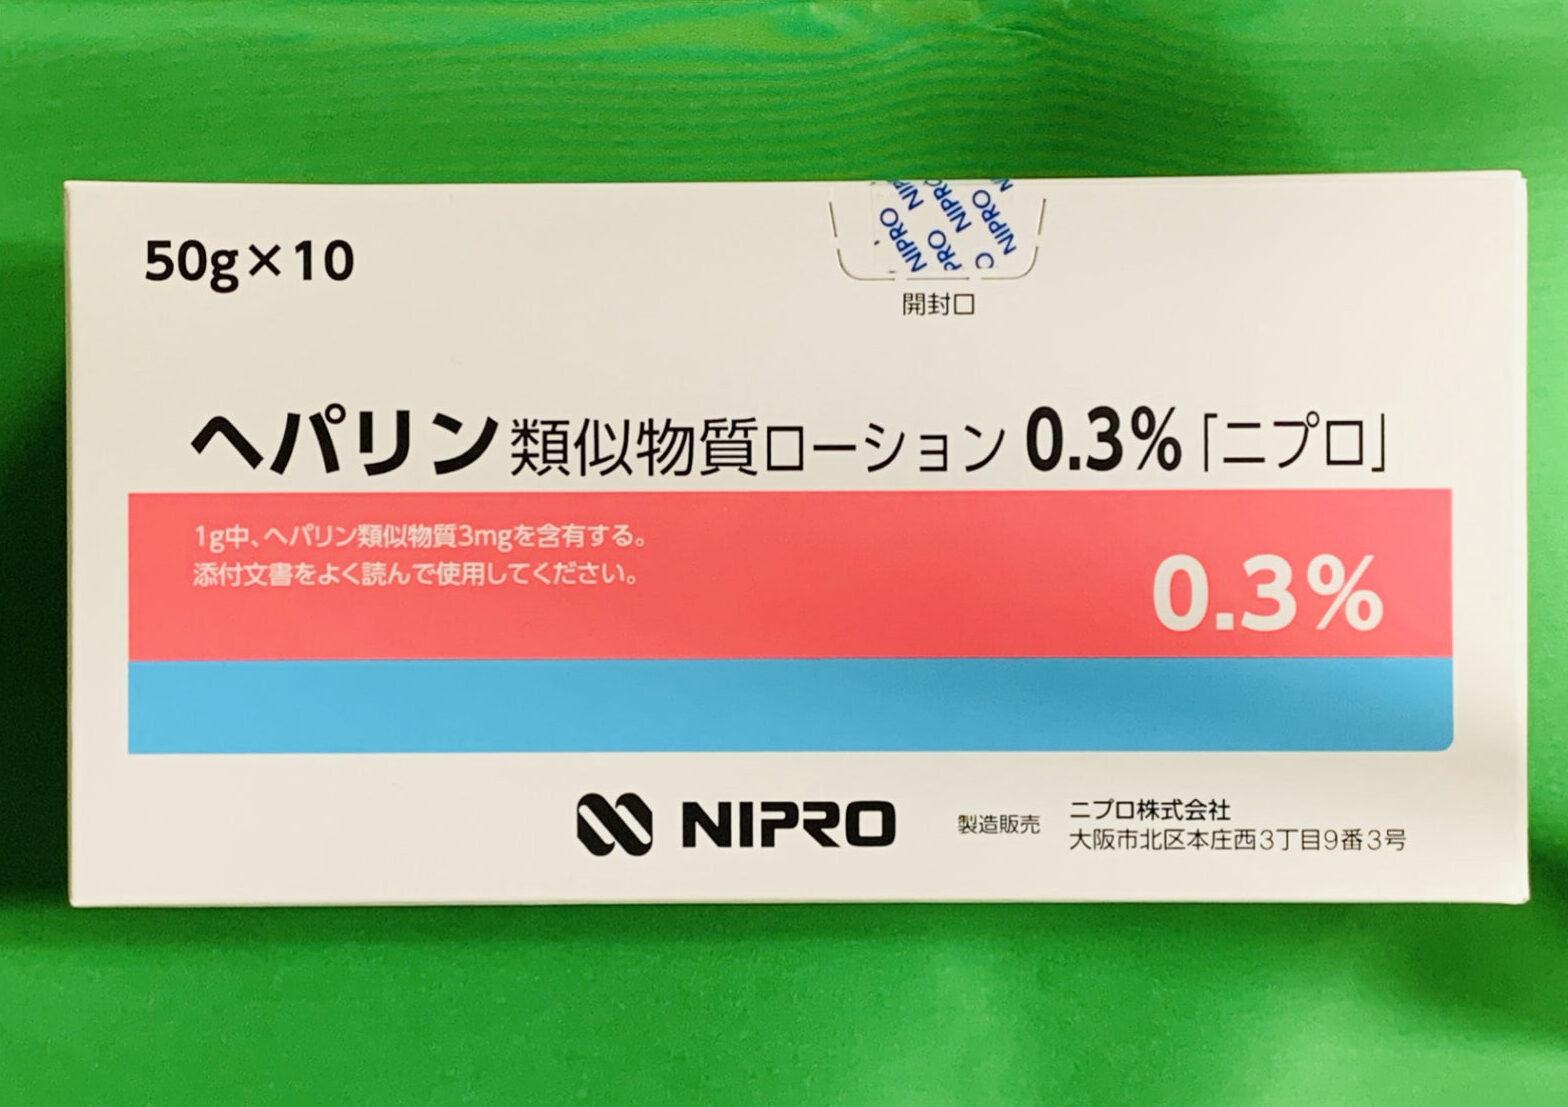 ヘパリン類似物質ローション0.3%「ニプロ」